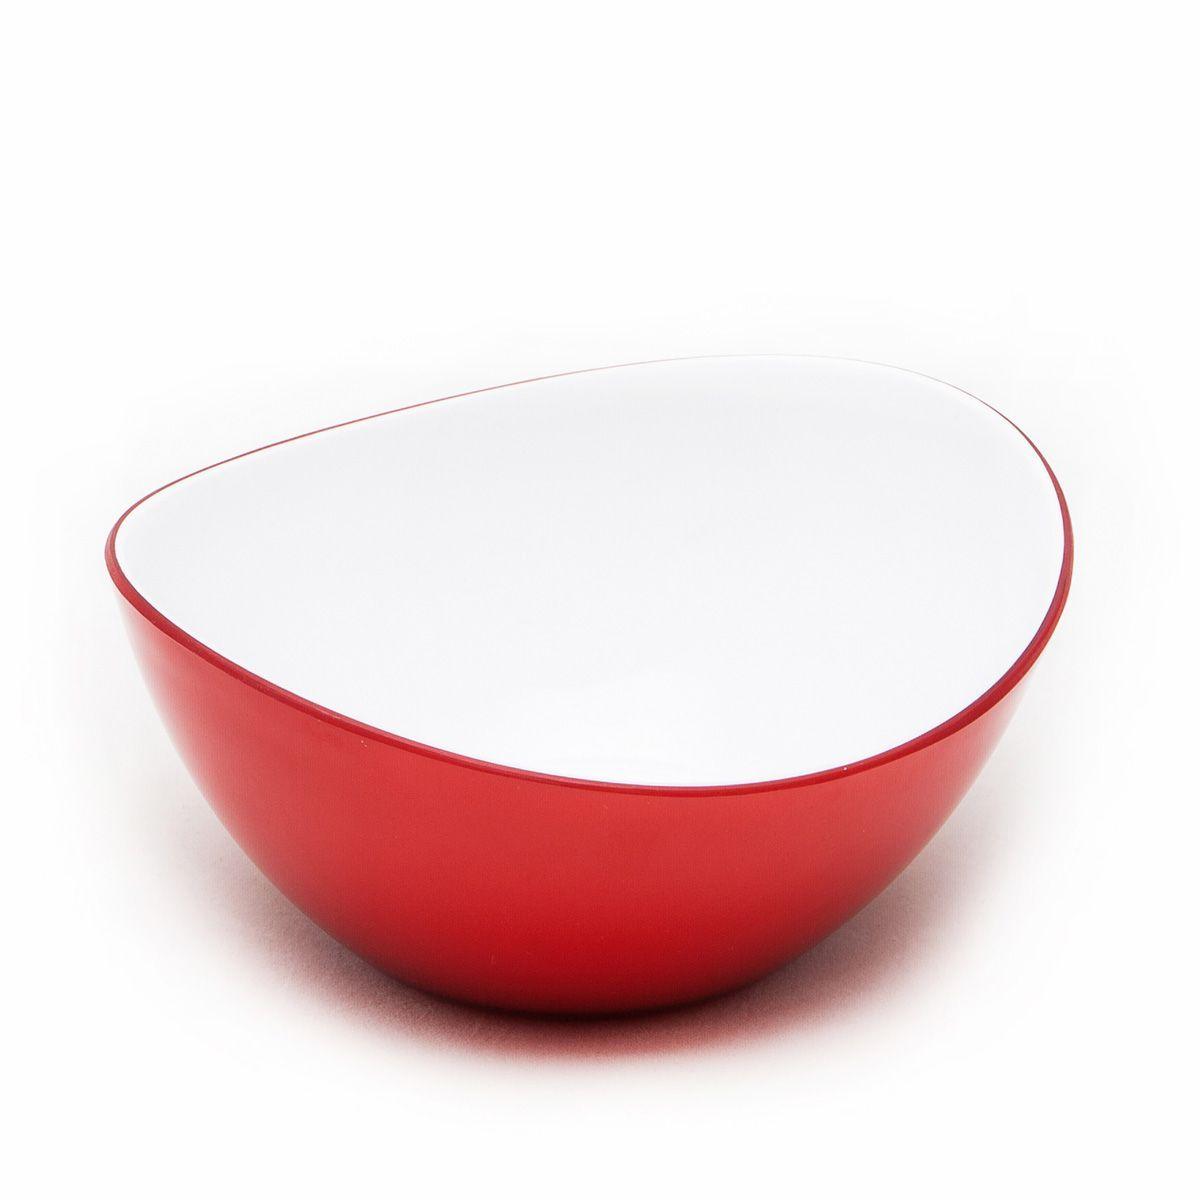 Миска MoulinVilla, цвет: красный, 16 х 14 х 6 см115510Оригинальная миска Moulinvilla, изготовленная из высококачественного акрила, благодаряпривлекательному дизайну выполняет не только практичную, но и декоративную функцию. Белый цвет внутренней поверхности и сочный, интенсивный цвет снаружи отлично контрастируют, привлекая к себе внимание.Миска подойдет для сервировки салатов, фруктов, закусок, десертов, печенья, сладостей и других продуктов.Подходит для мытья в посудомоечной машине.